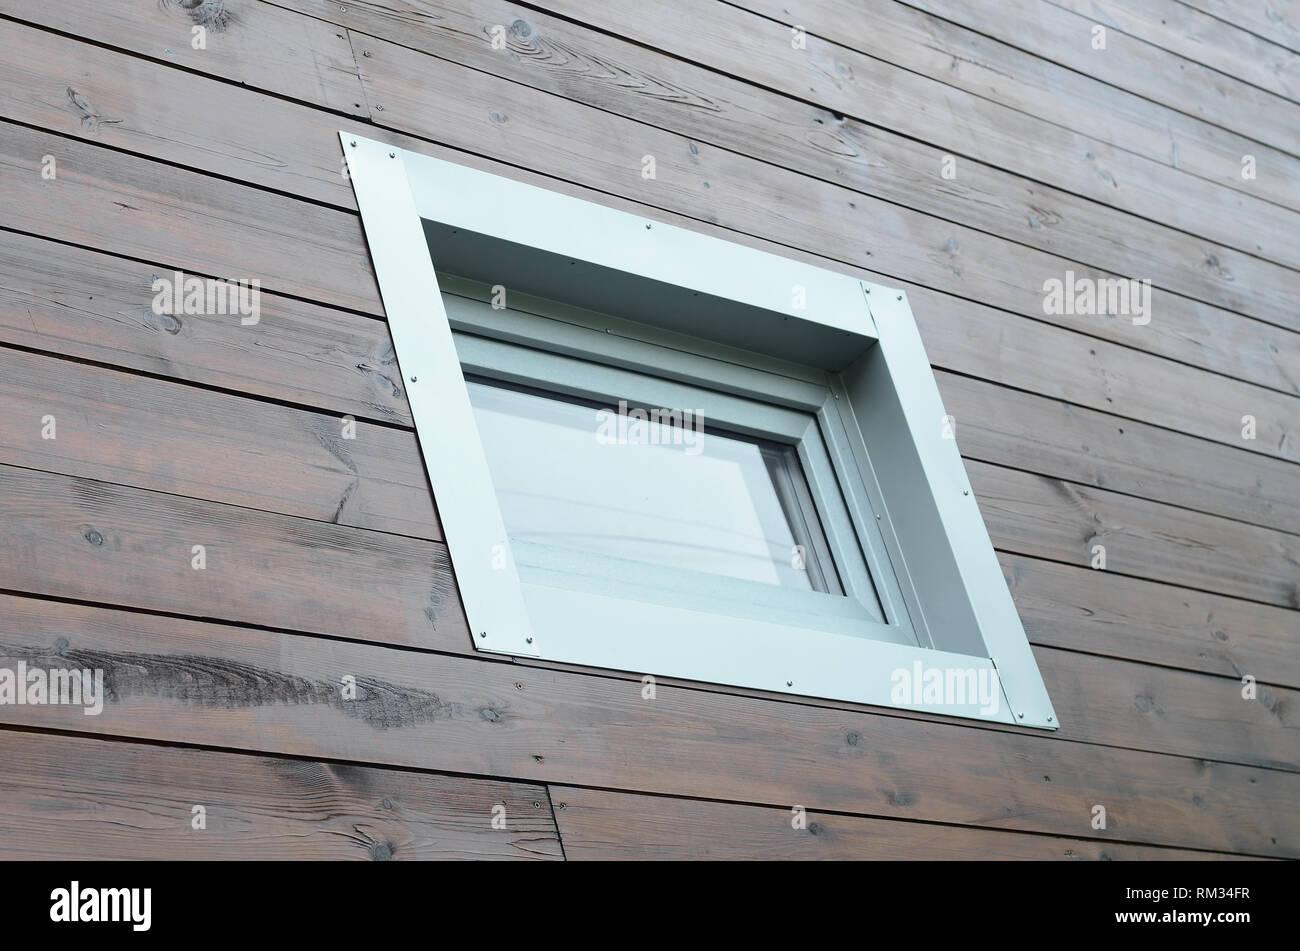 Kunststoff PVC-Fenster in der modernen passive Holzhaus Fassade Wand. PVC-Fenster sind die Nummer eins im Haus Energieeffizienz Stockbild